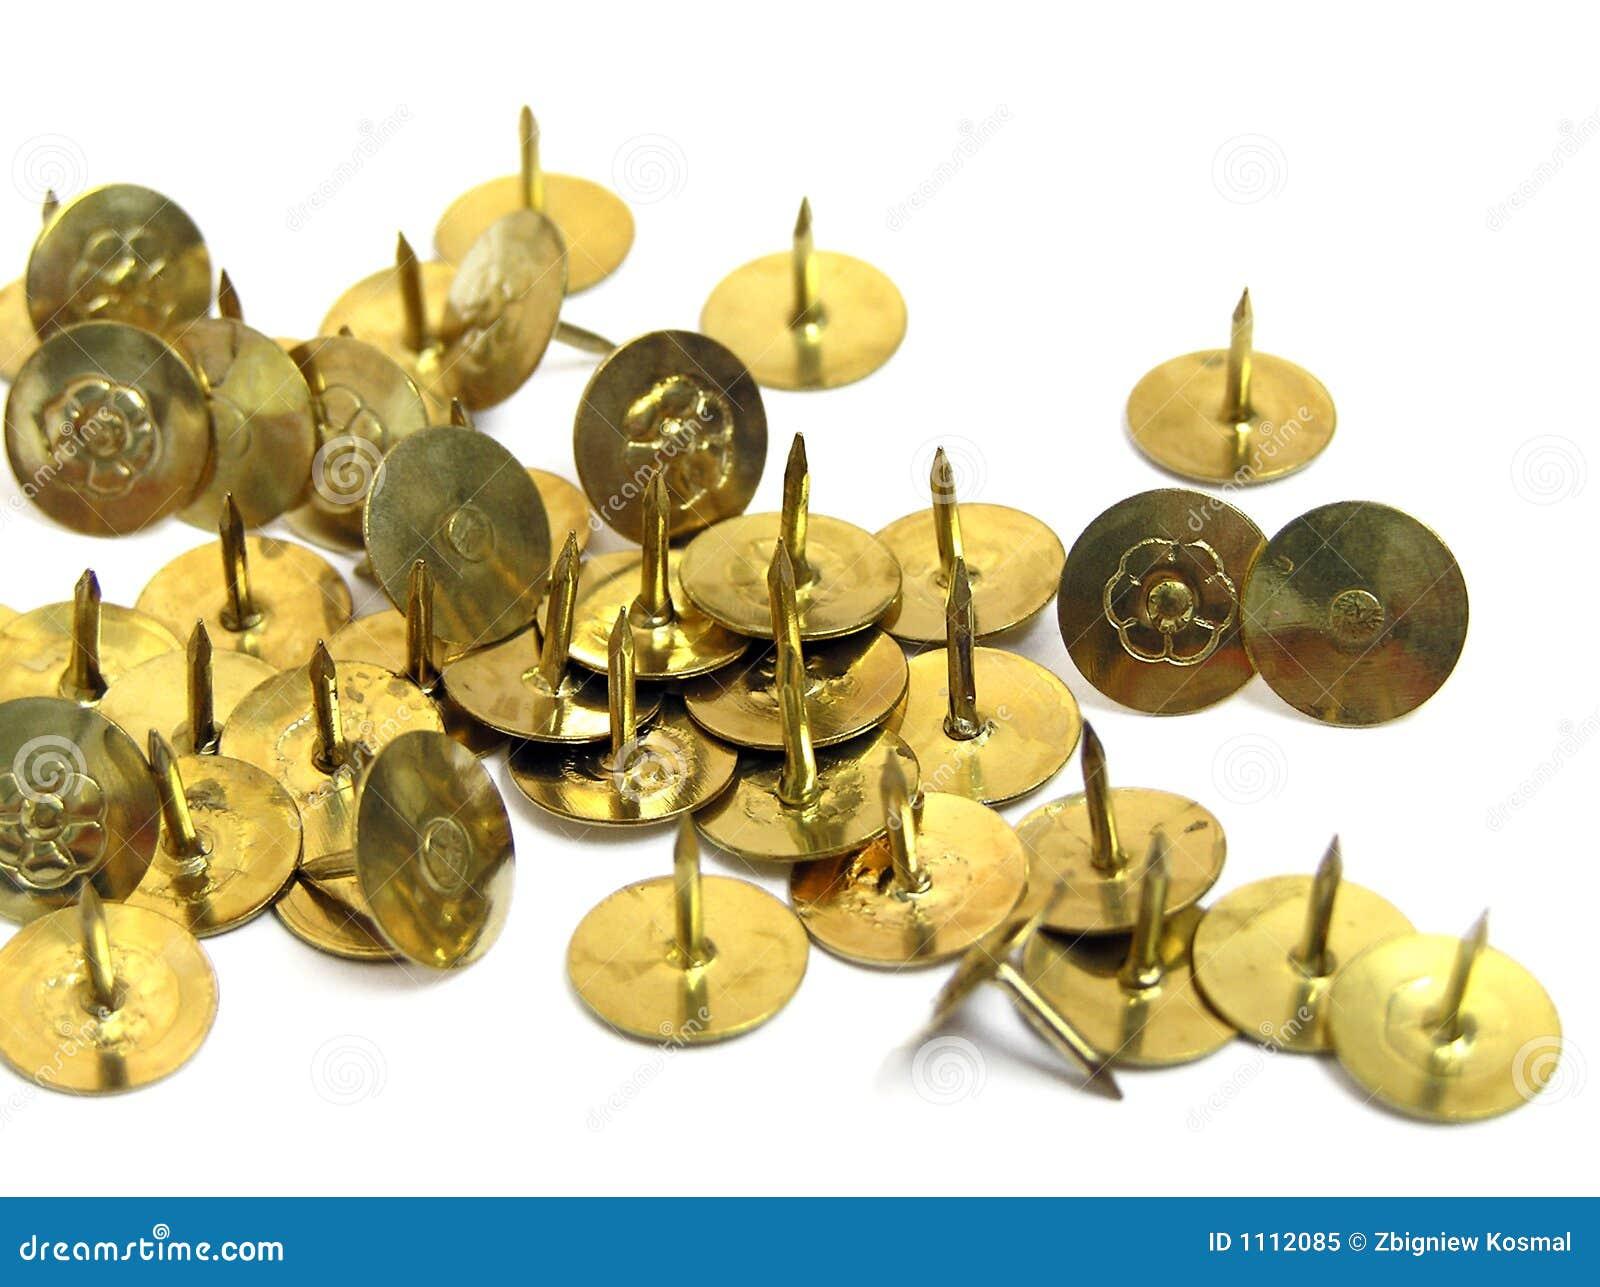 Thumb Tacks thumbtacks stock photo - image: 7394610